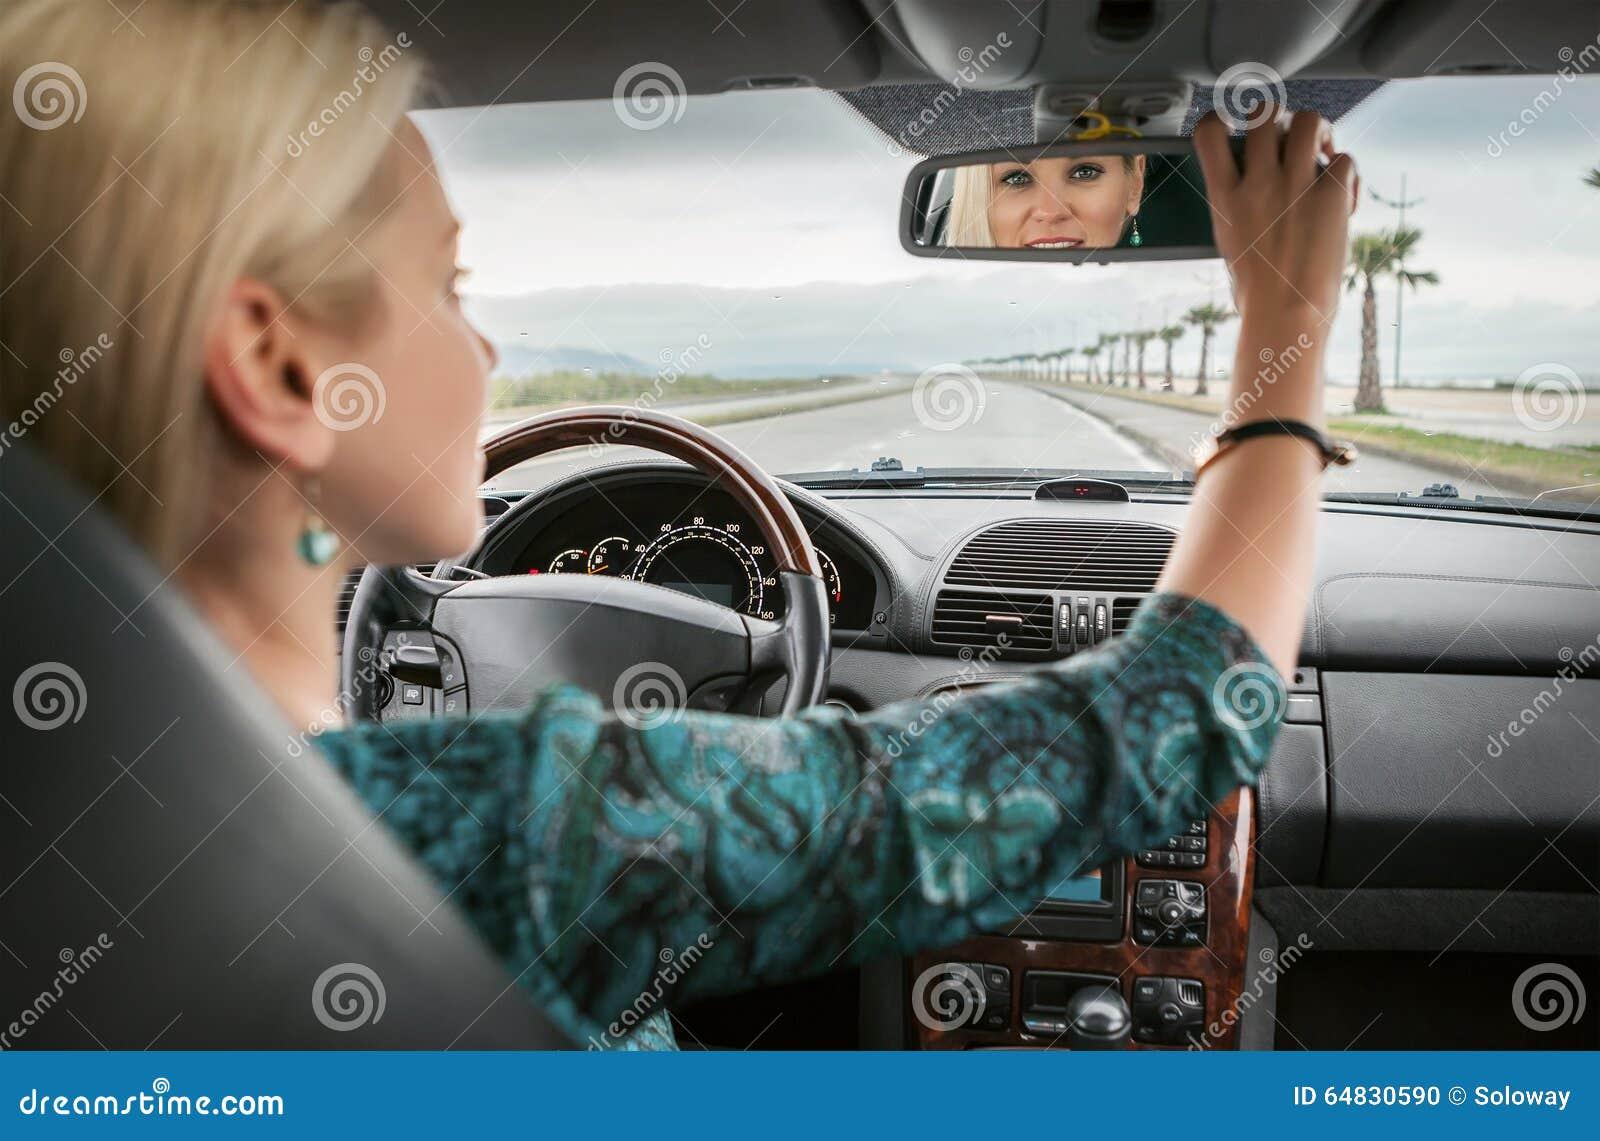 Η γυναίκα στο αυτοκίνητο κοιτάζει στον οπισθοσκόπο καθρέφτη